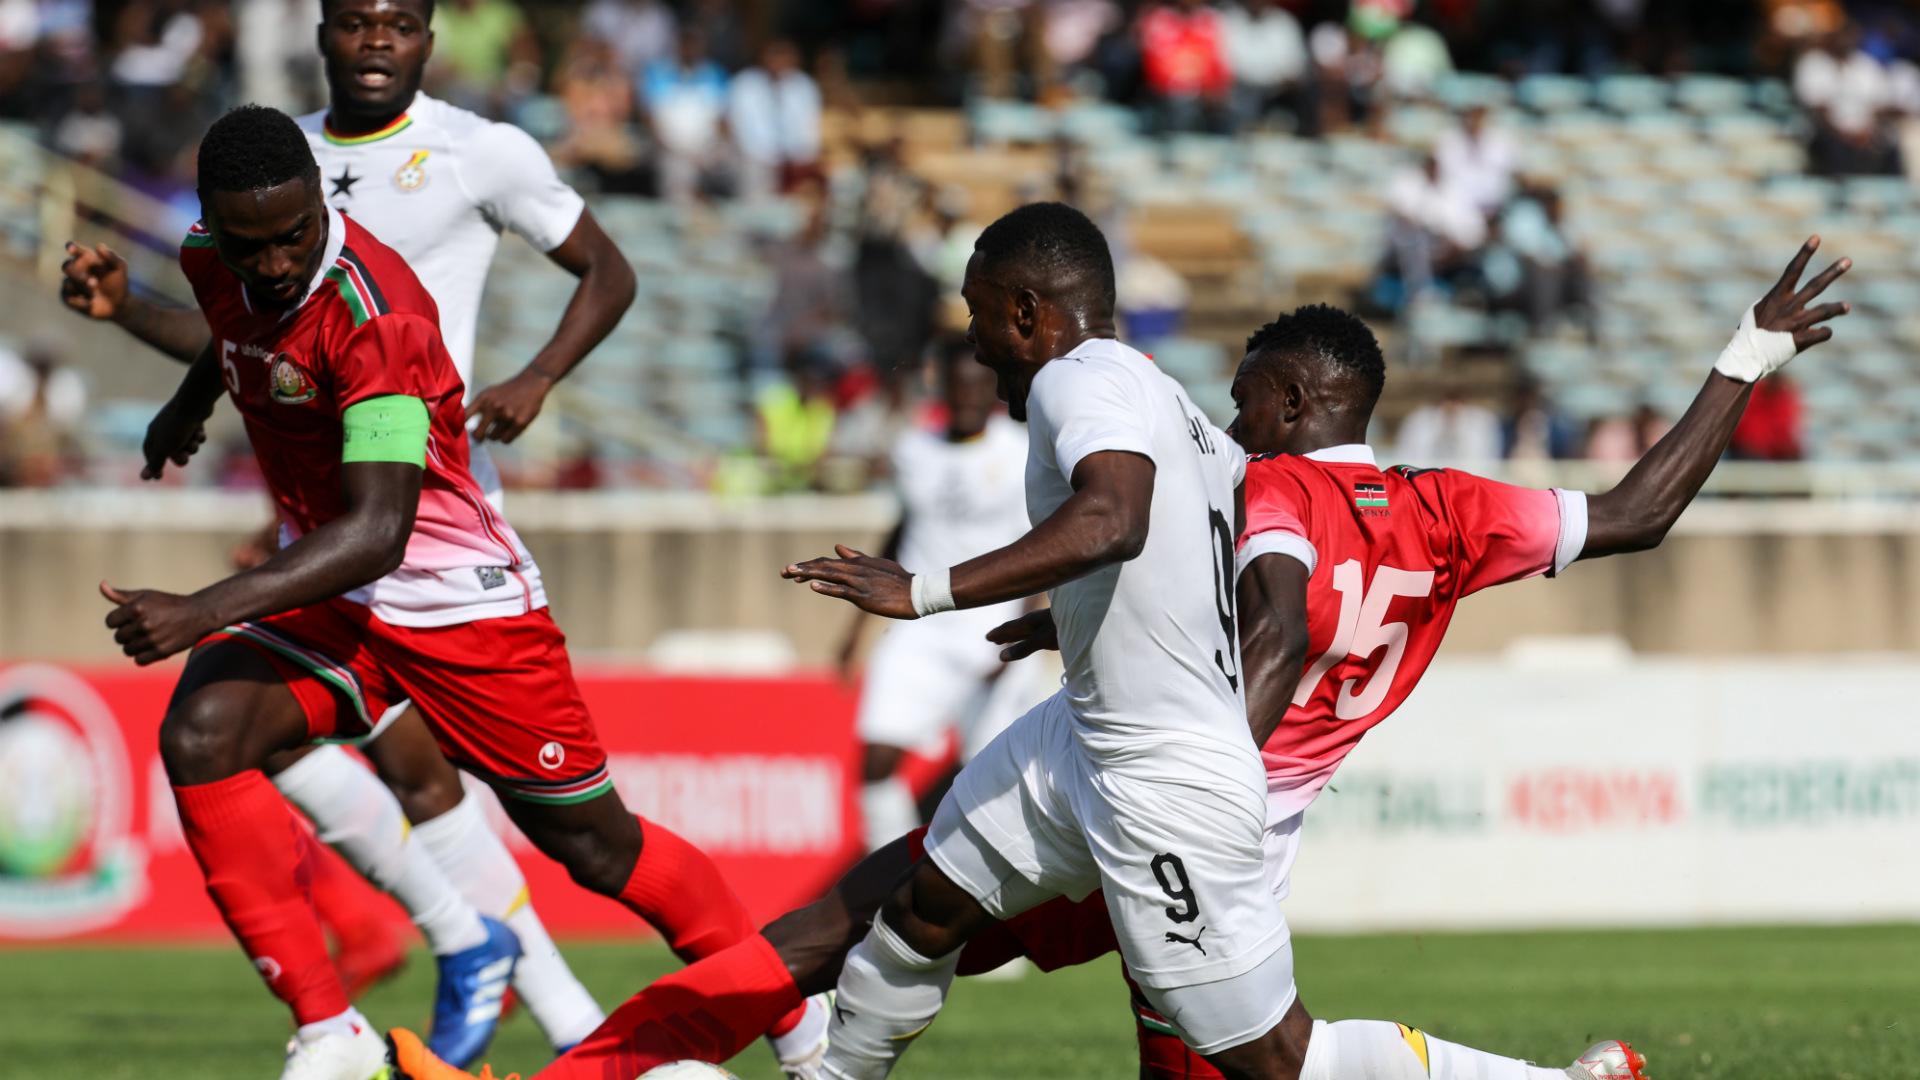 Musa Mohammed of Kenya v Ghana.